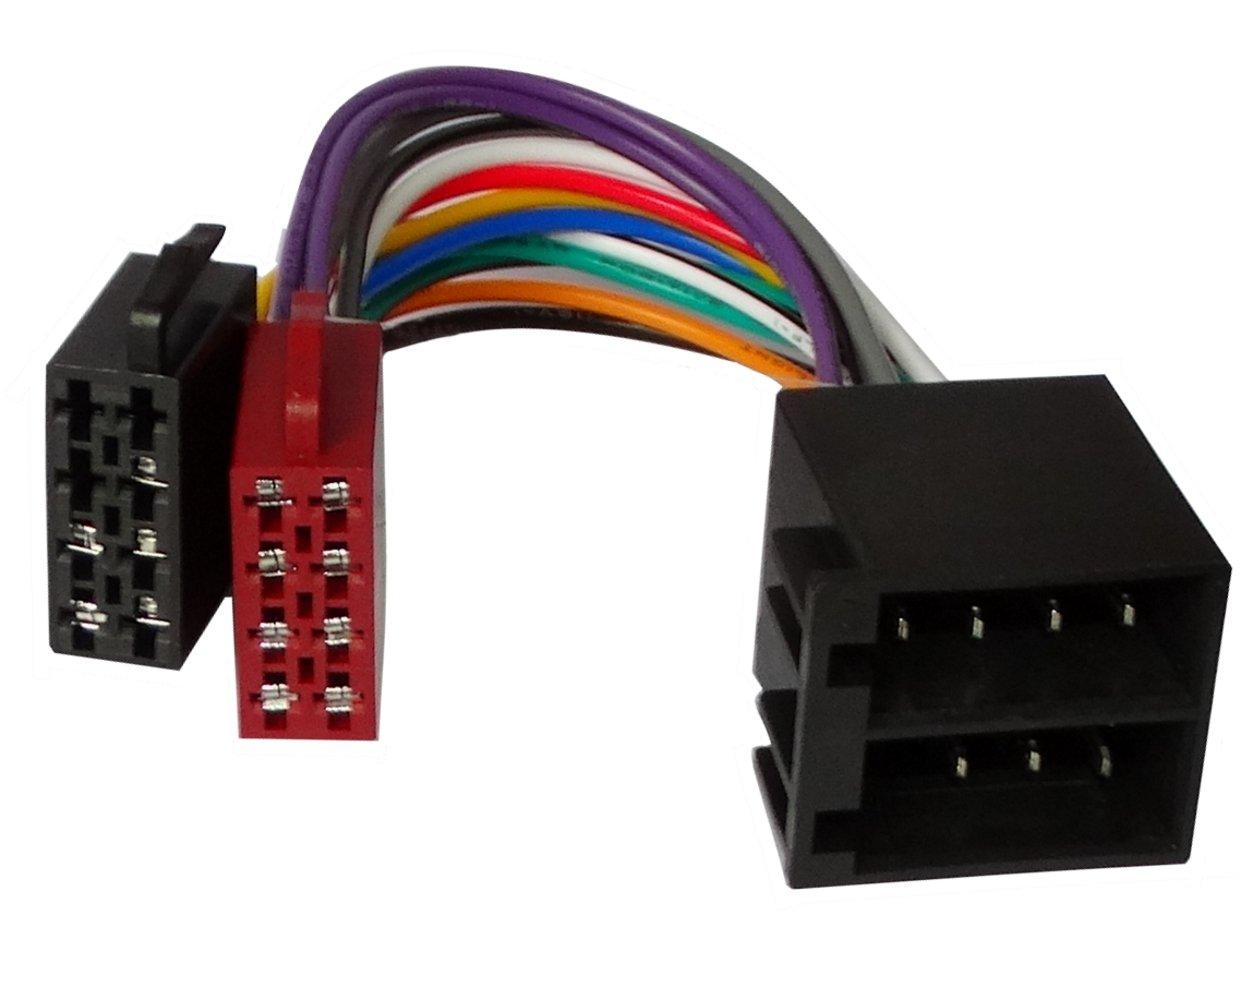 AERZETIX: Cable extension 20cm conector ISO 13PIN 8+5 macho hembra universal para autoradio altavoces de coche, vehiculos SK2-C11031-N17